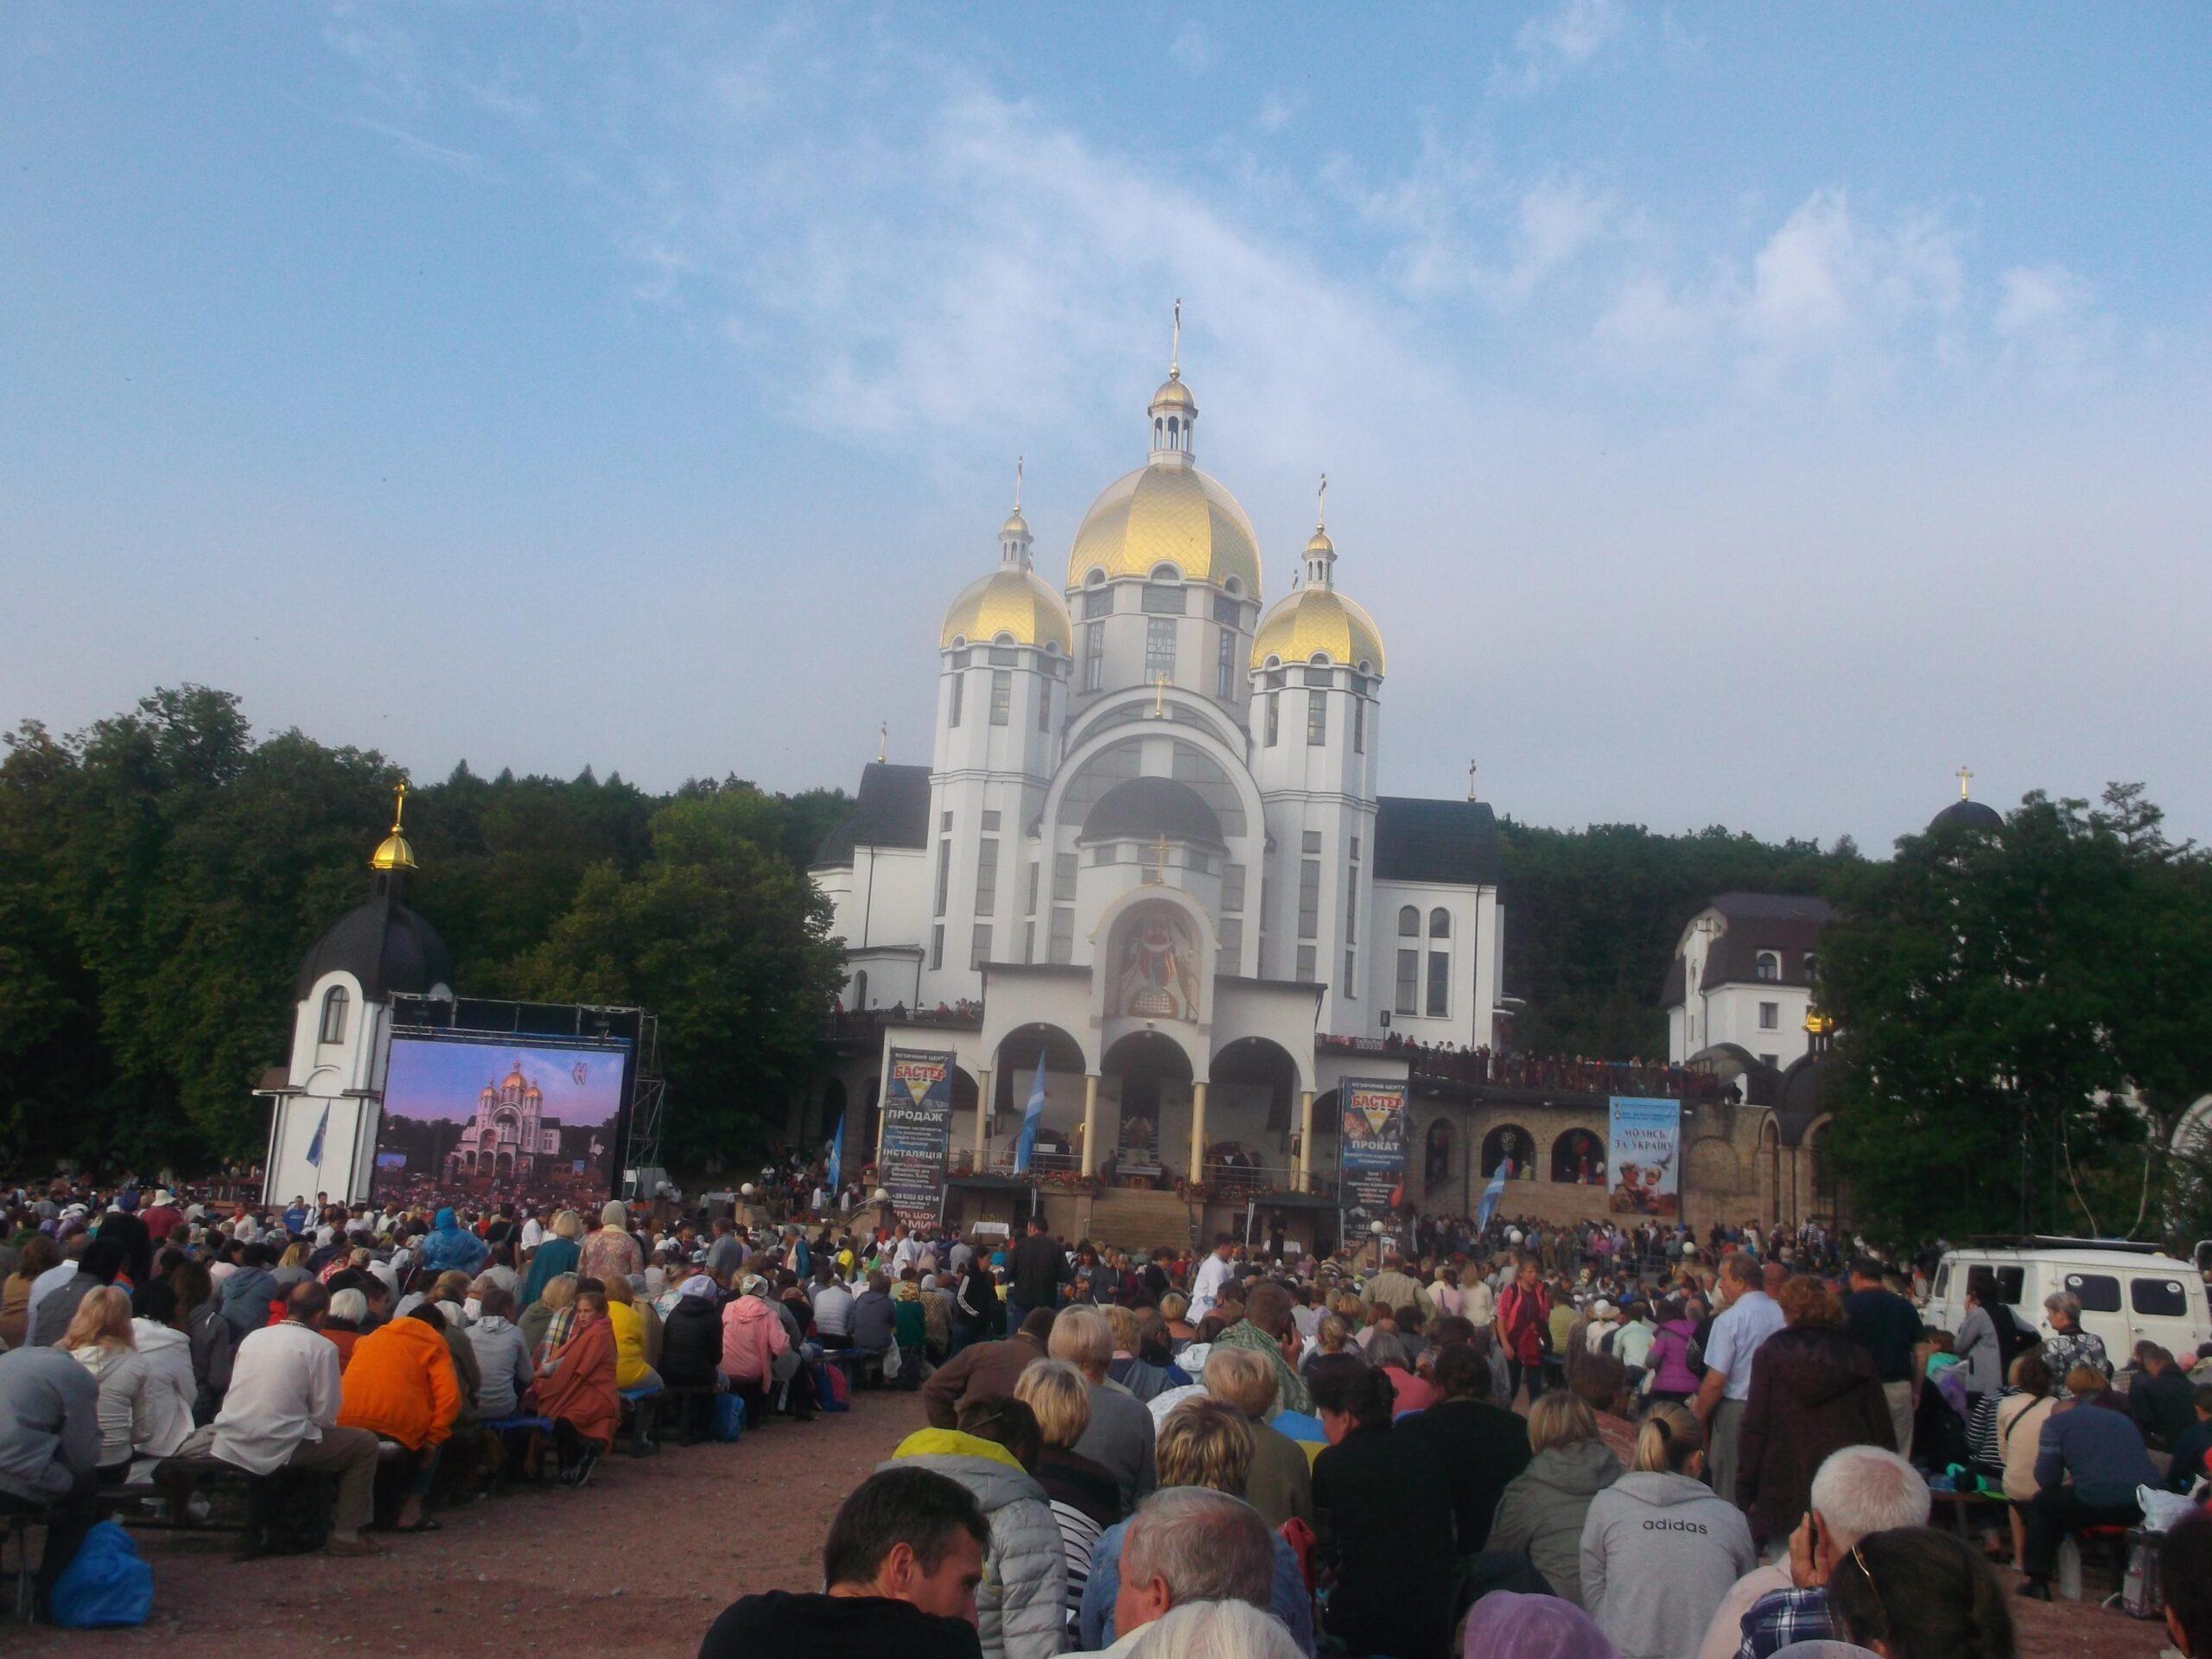 Відбулася Всенаціональна проща до Марійського духовного центру в селі Зарваниця на Тернопільщині